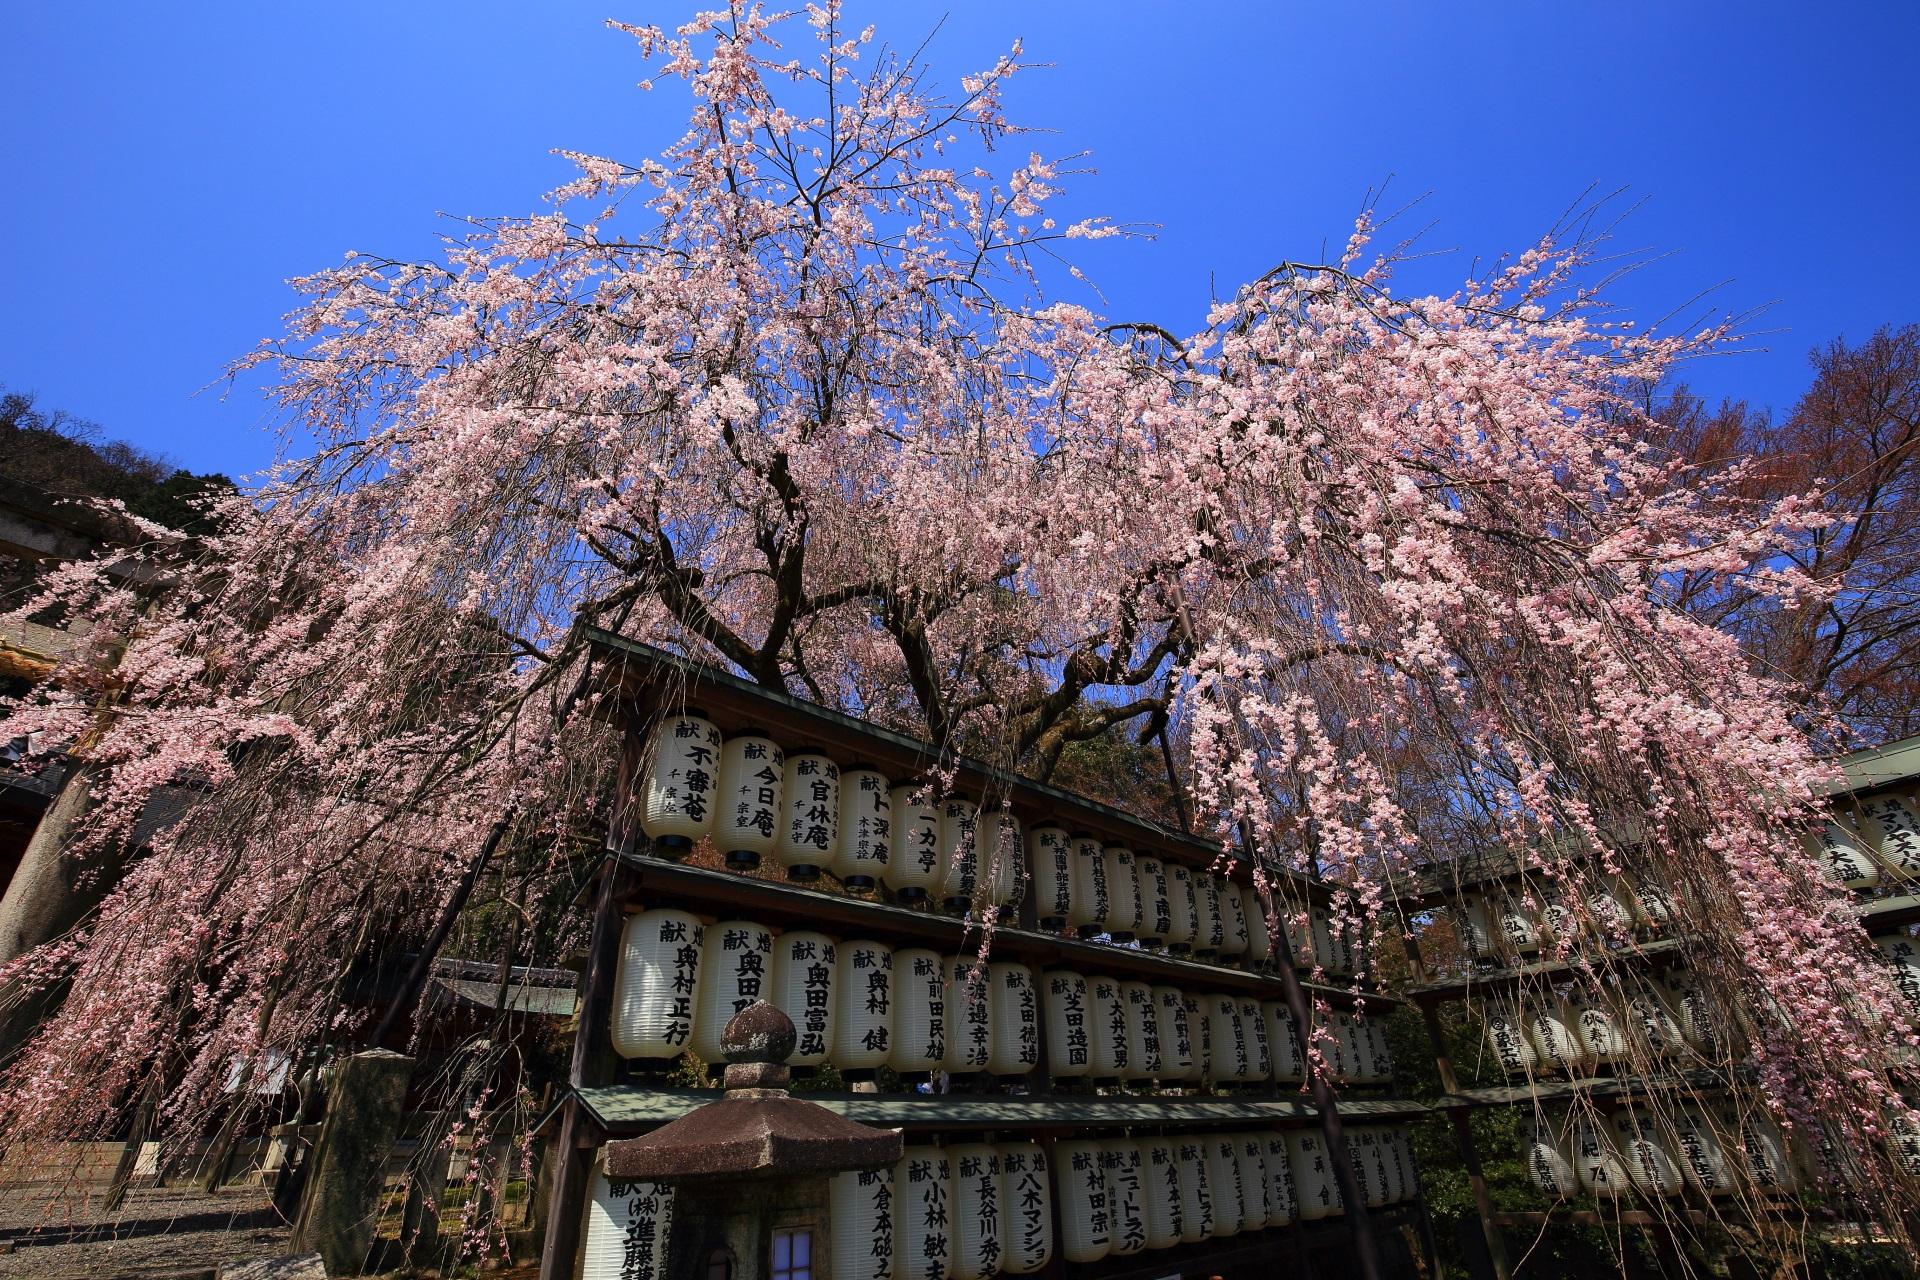 爽快な青空の下の駒形提灯にふりかかる絵になるピンクのしだれ桜